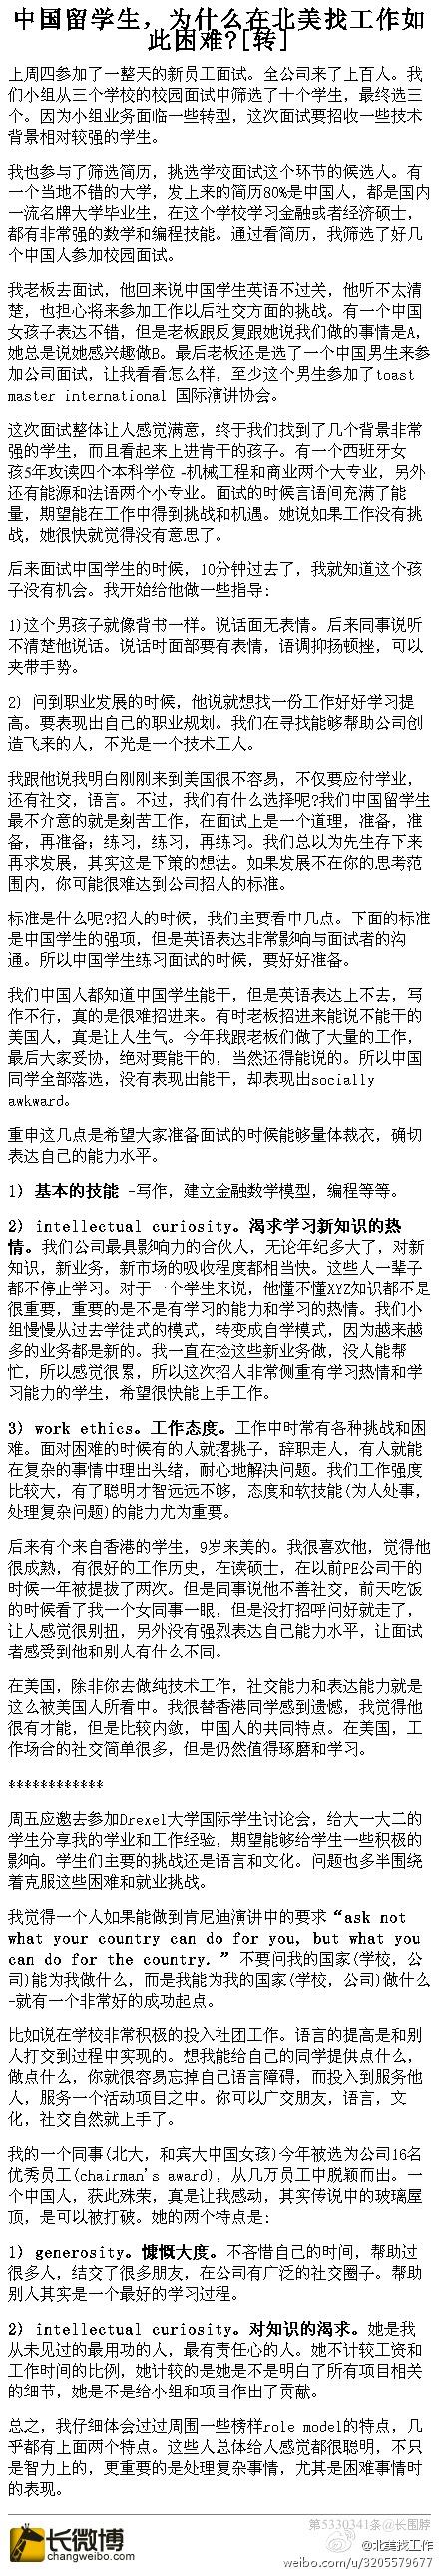 中国留学生为什么在北美找工作如此困难